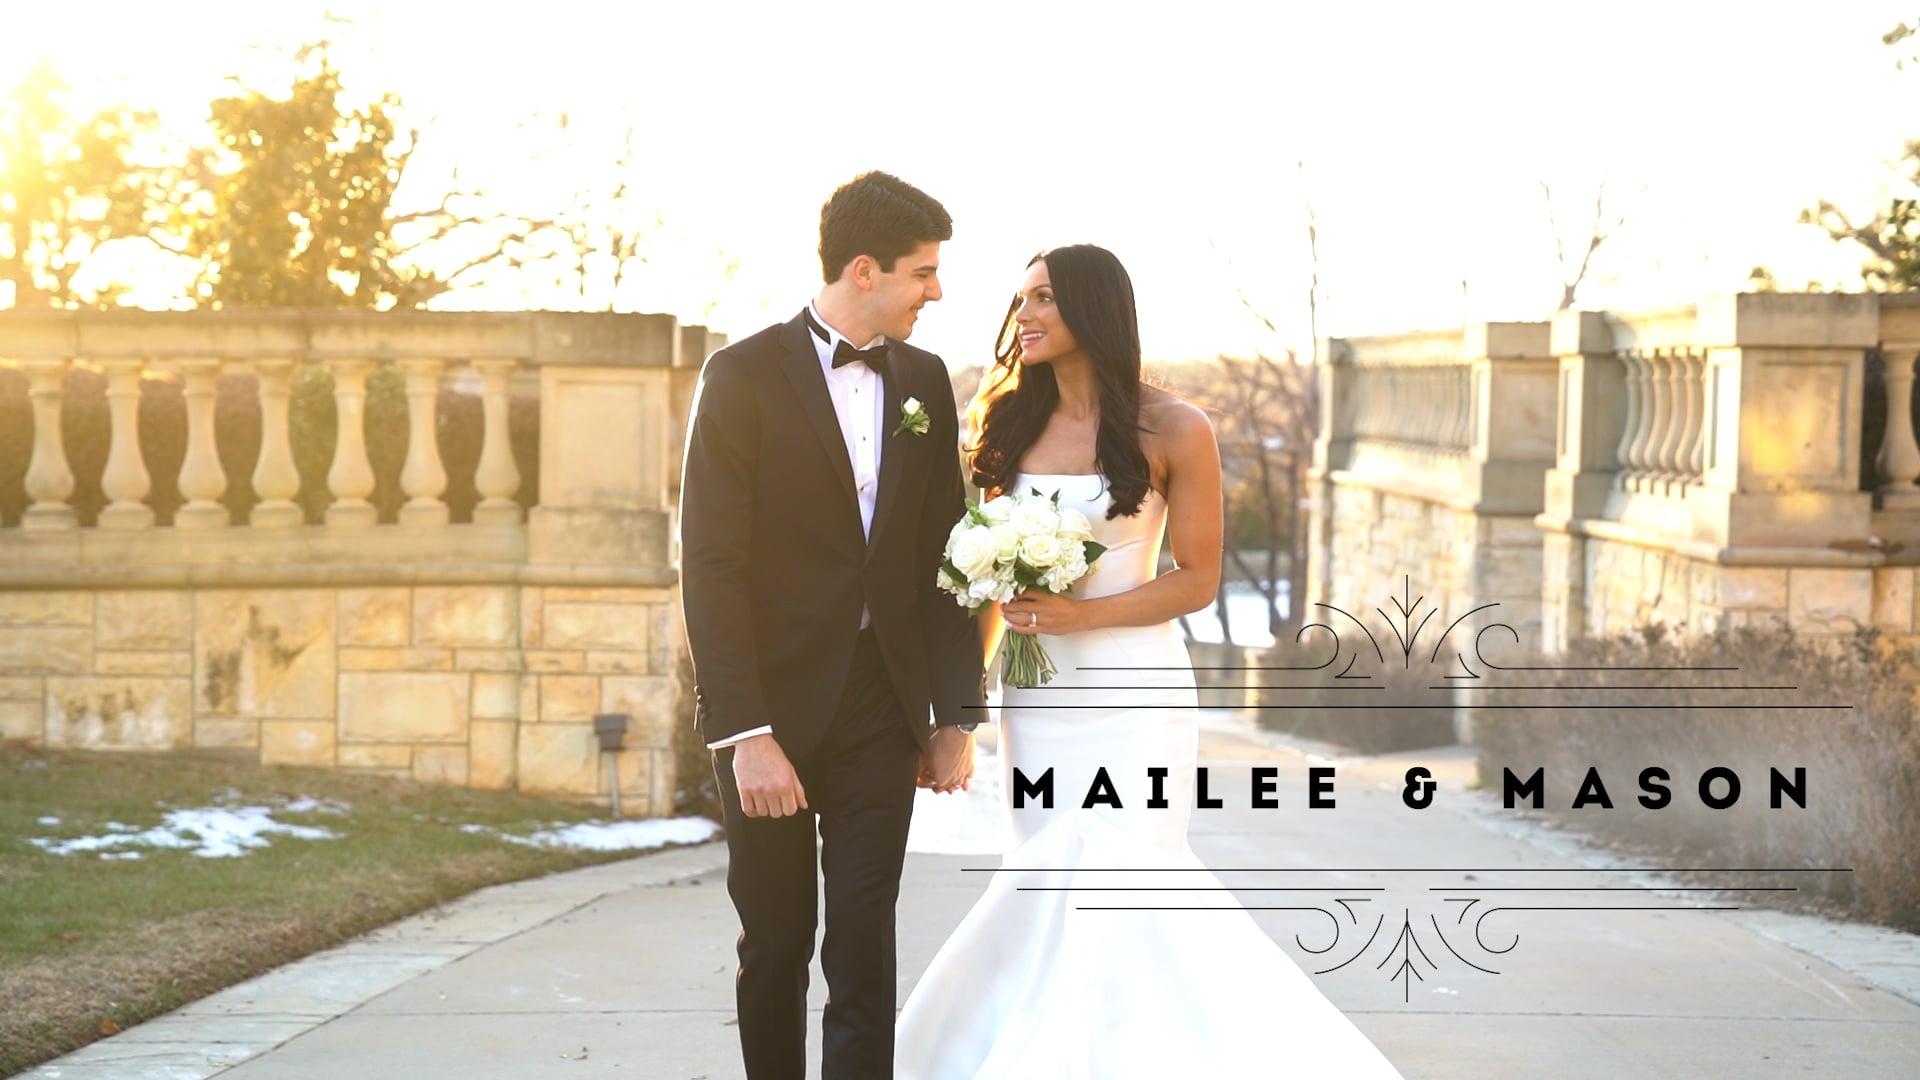 Wedding Films | Green Light Media Weddings